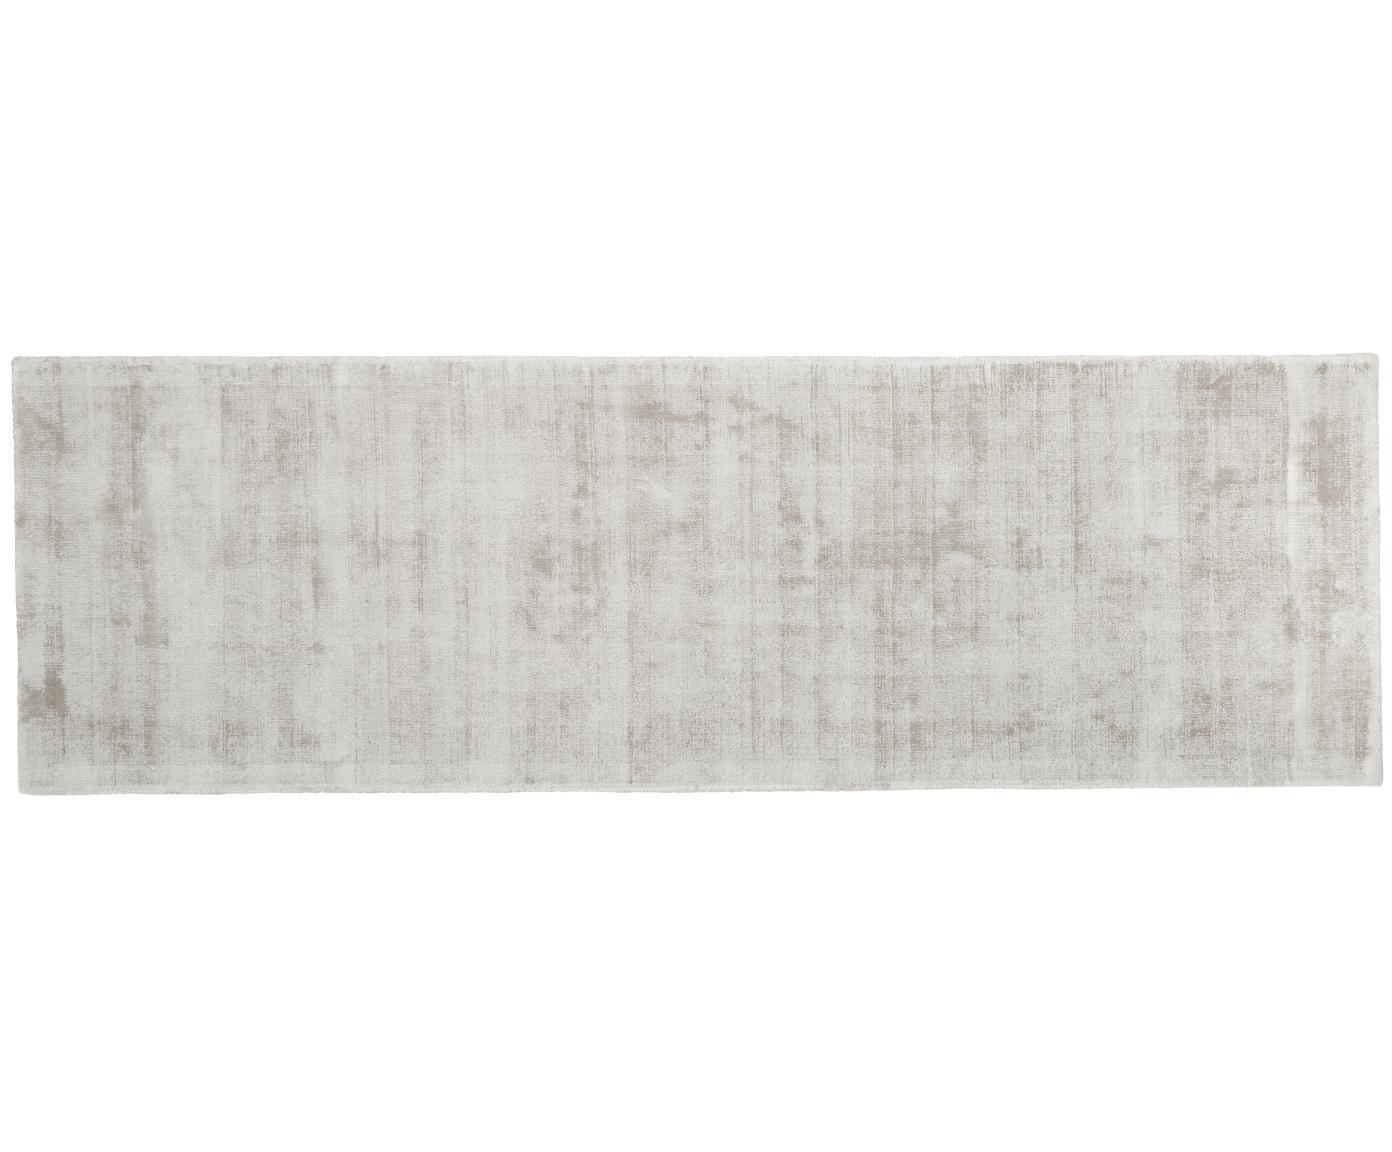 Handgeweven viscose loper Jane, Bovenzijde: 100% viscose, Onderzijde: 100% katoen, Lichtgrijs, 80 x 250 cm